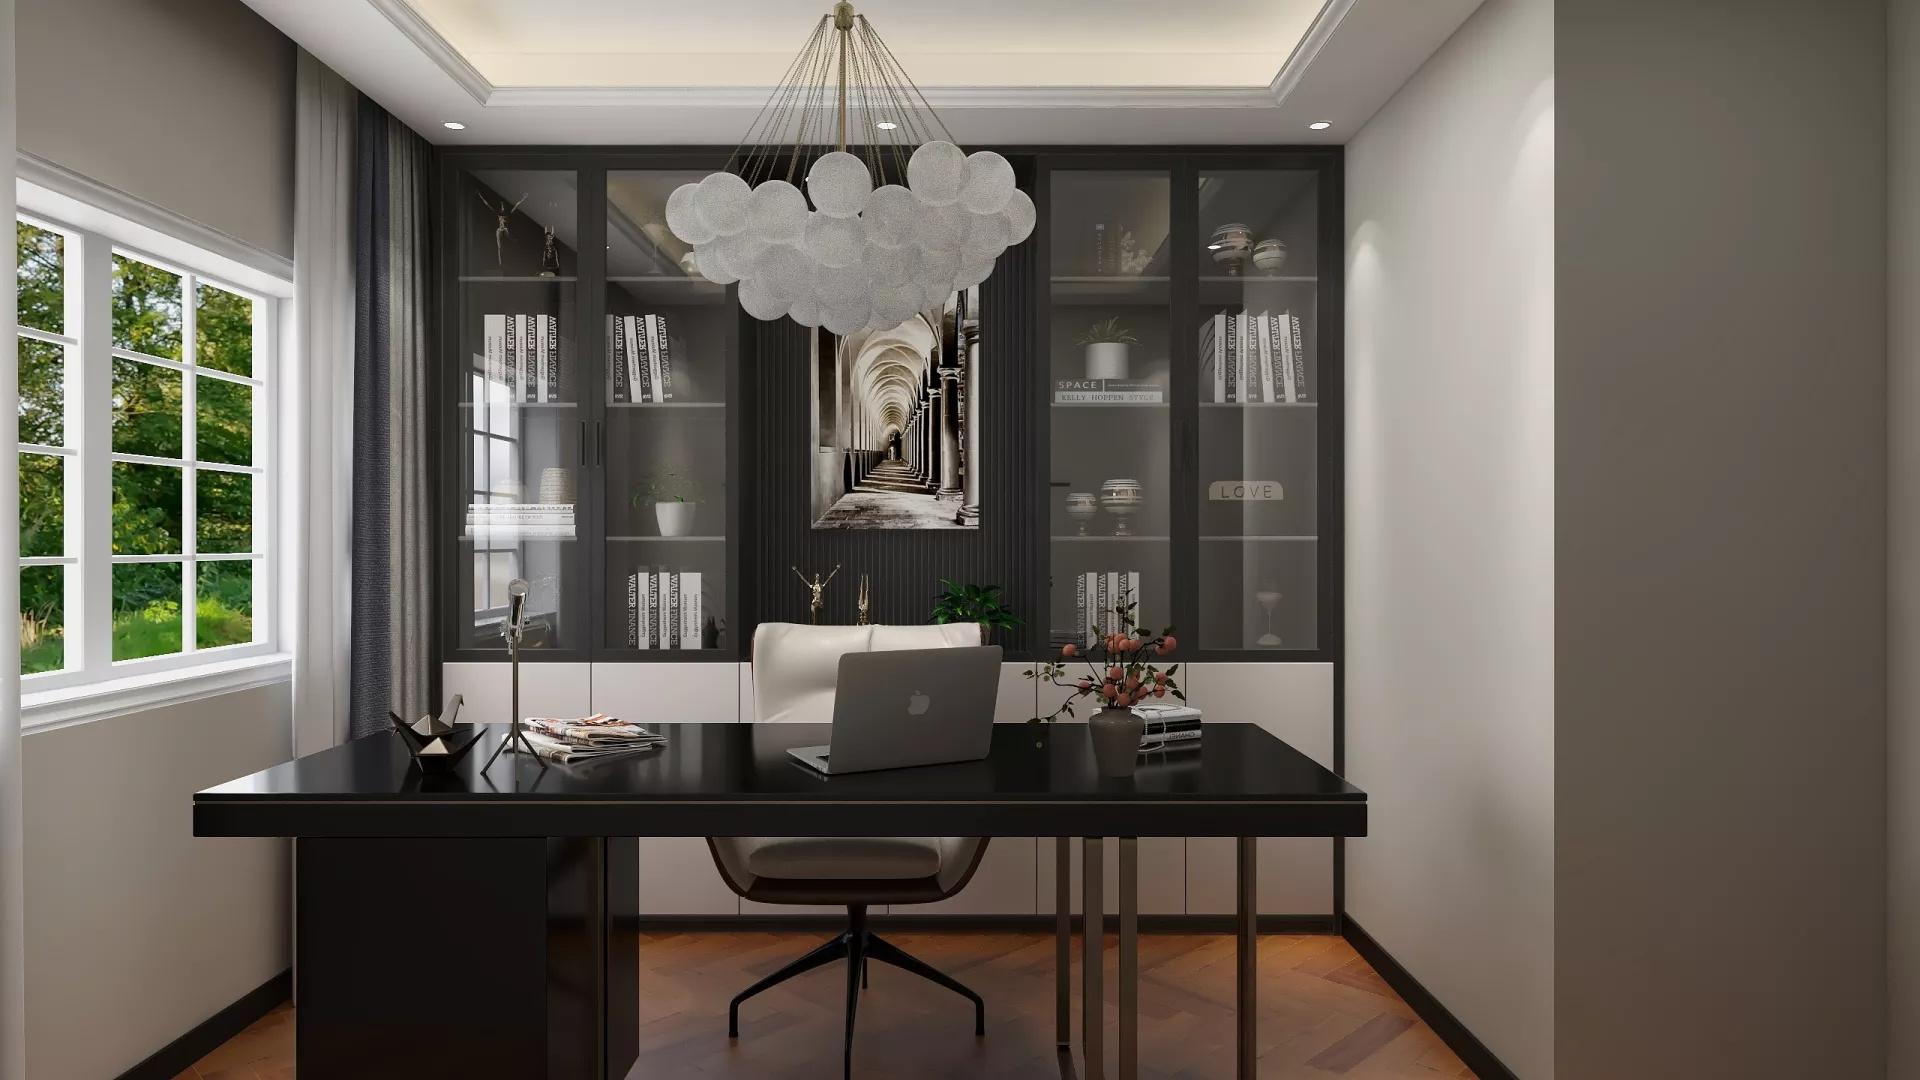 三室一厅惊现7个卫生间 5个要点教你设计卫生间